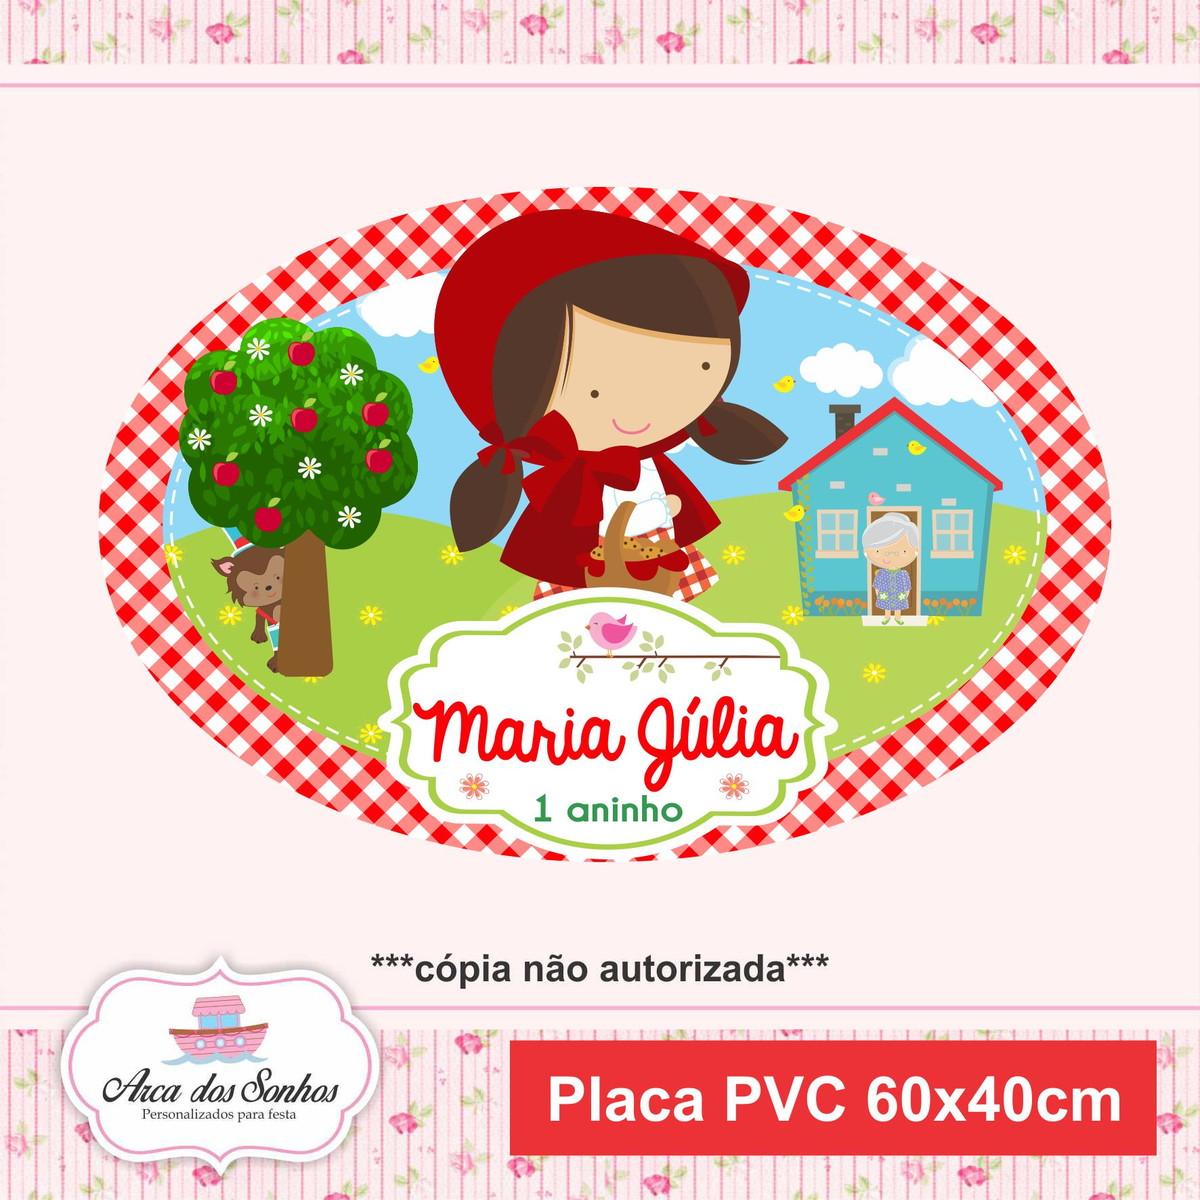 Painel Chapeuzinho Vermelho No Elo7 Arca Dos Sonhos 8aaa9a